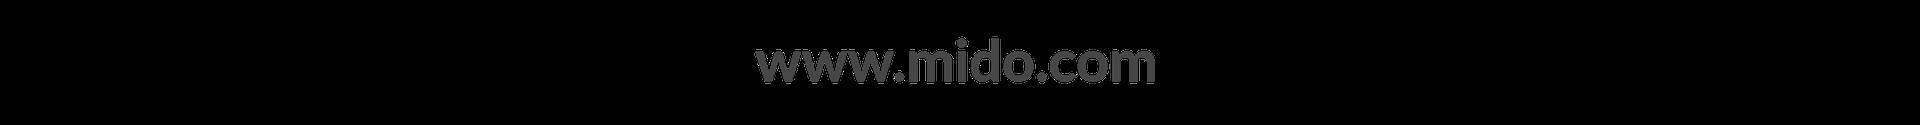 www.mido.com